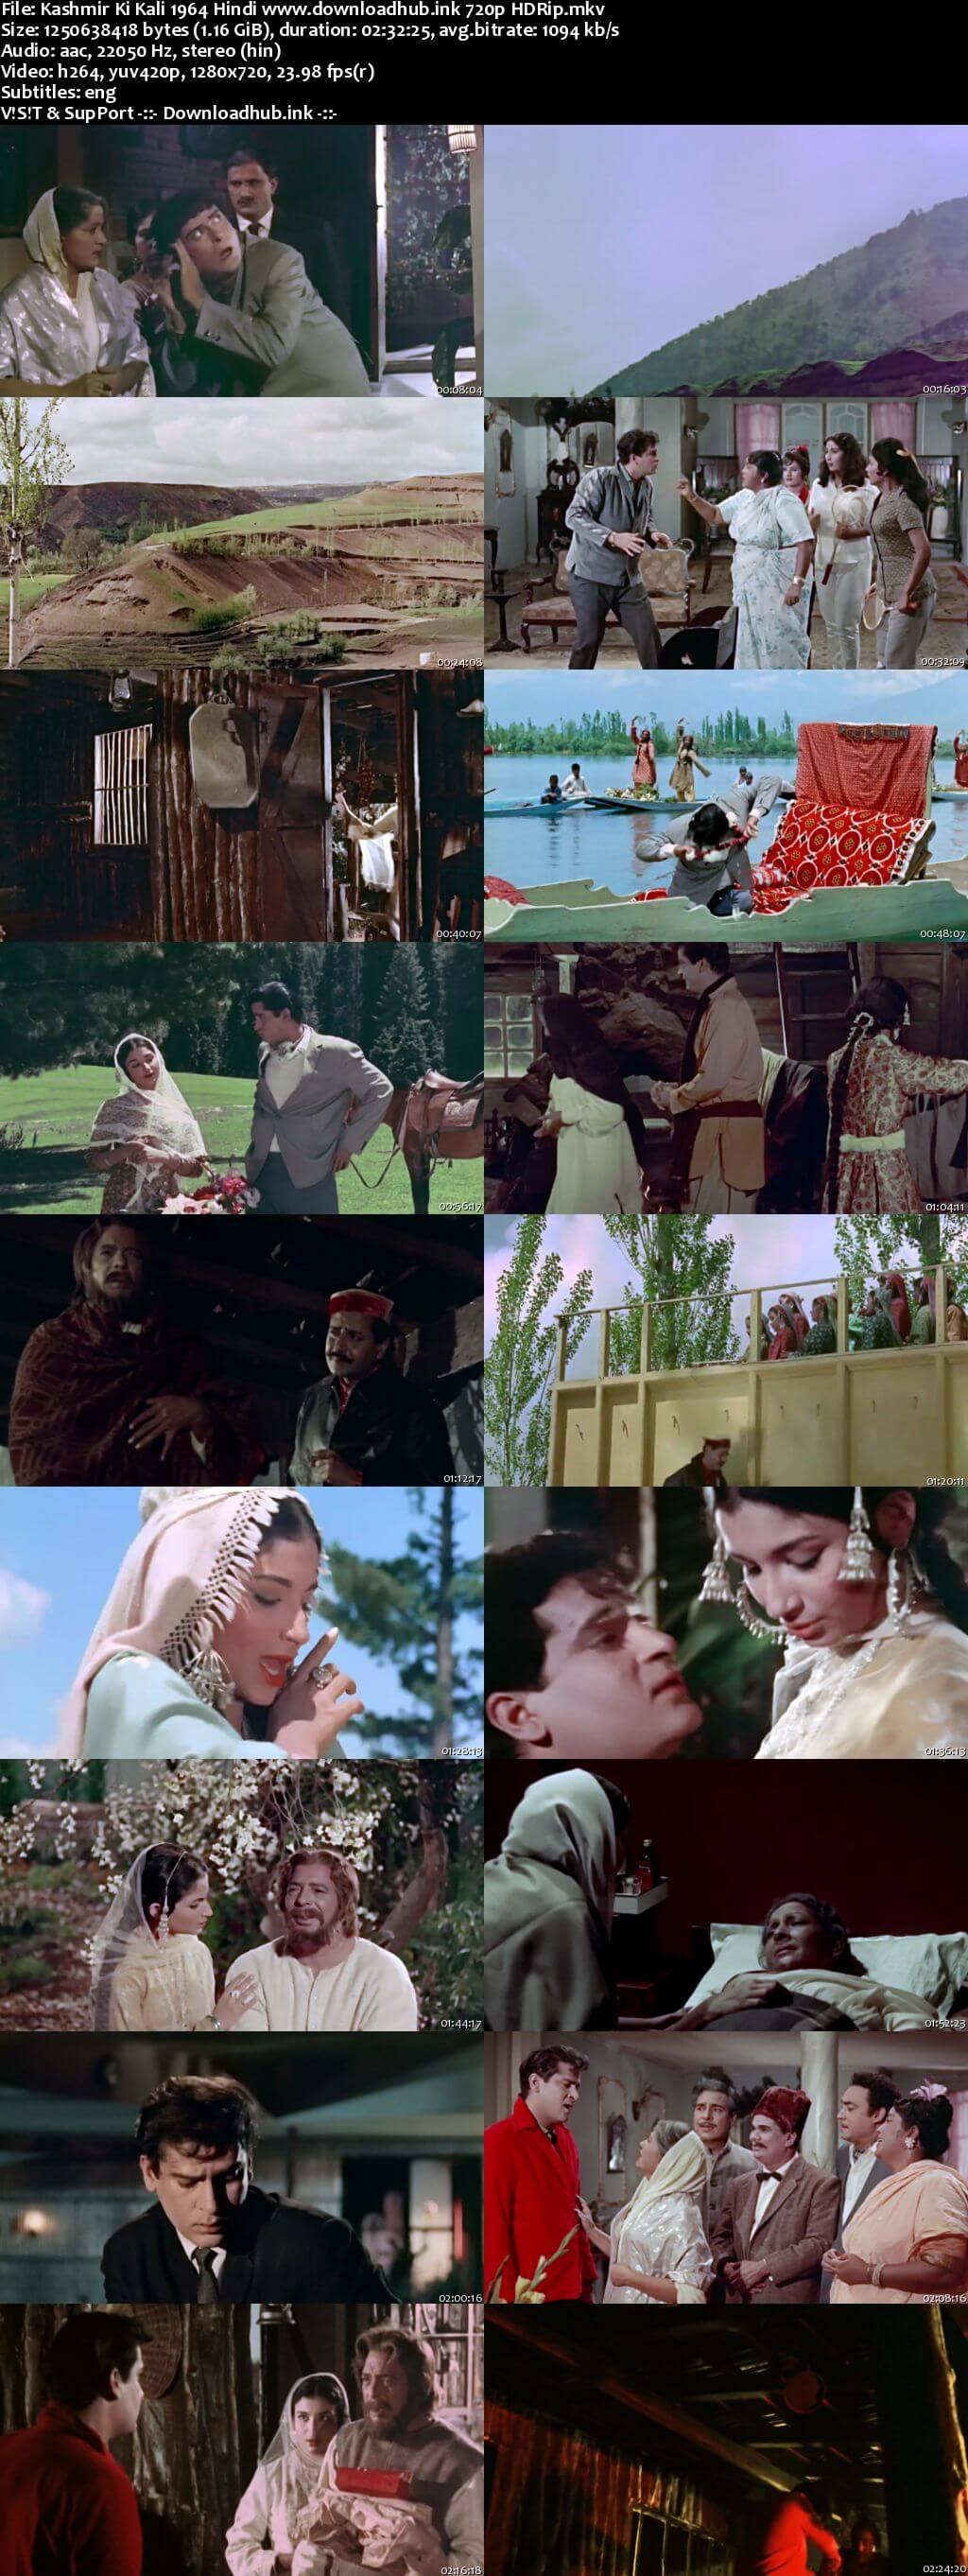 Kashmir Ki Kali 1964 Hindi 720p HDRip ESubs